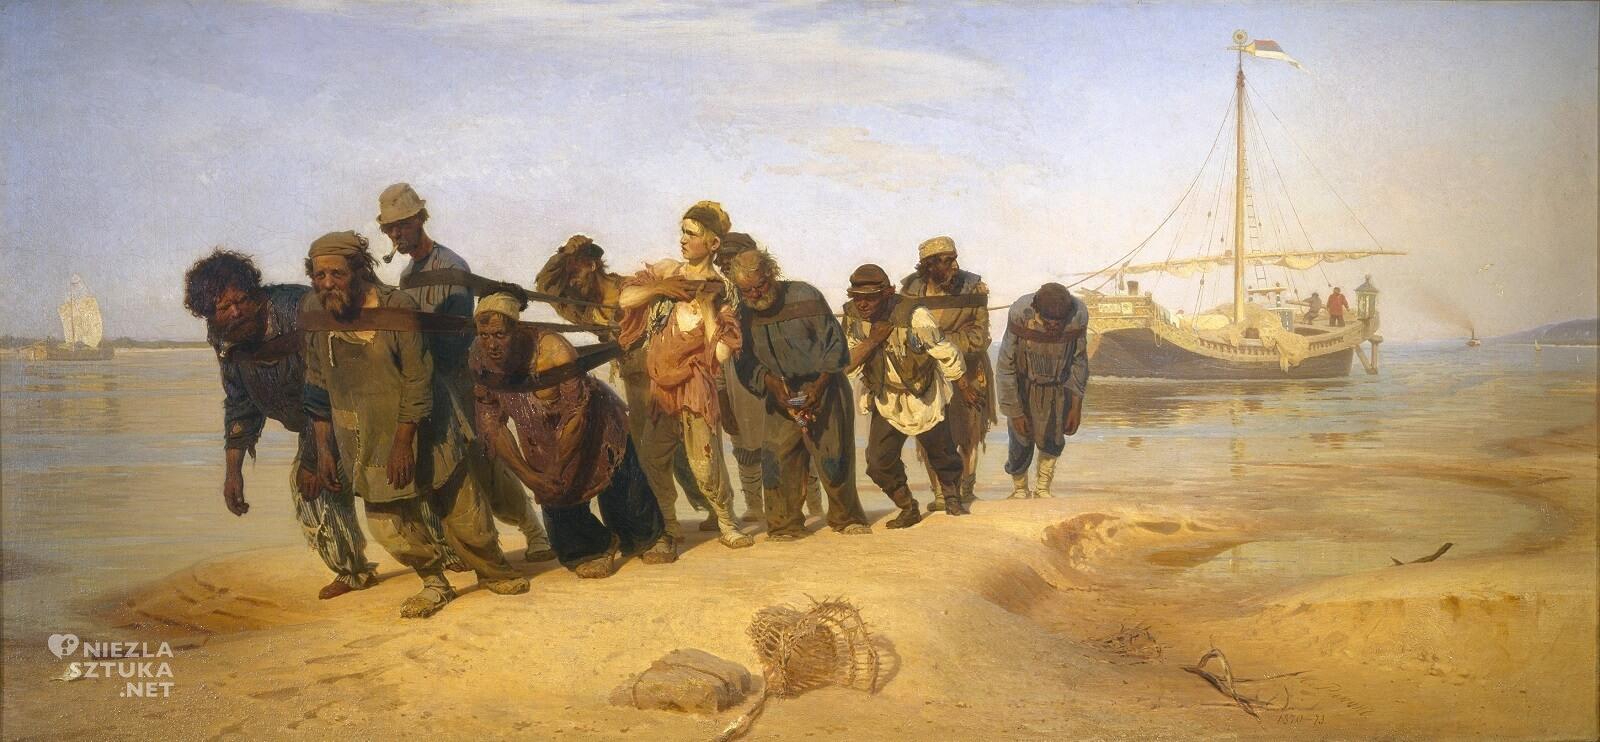 Ilja Riepin, Burłacy na Wołdze, malarstwo rosyjskie, realizm, Niezła Sztuka